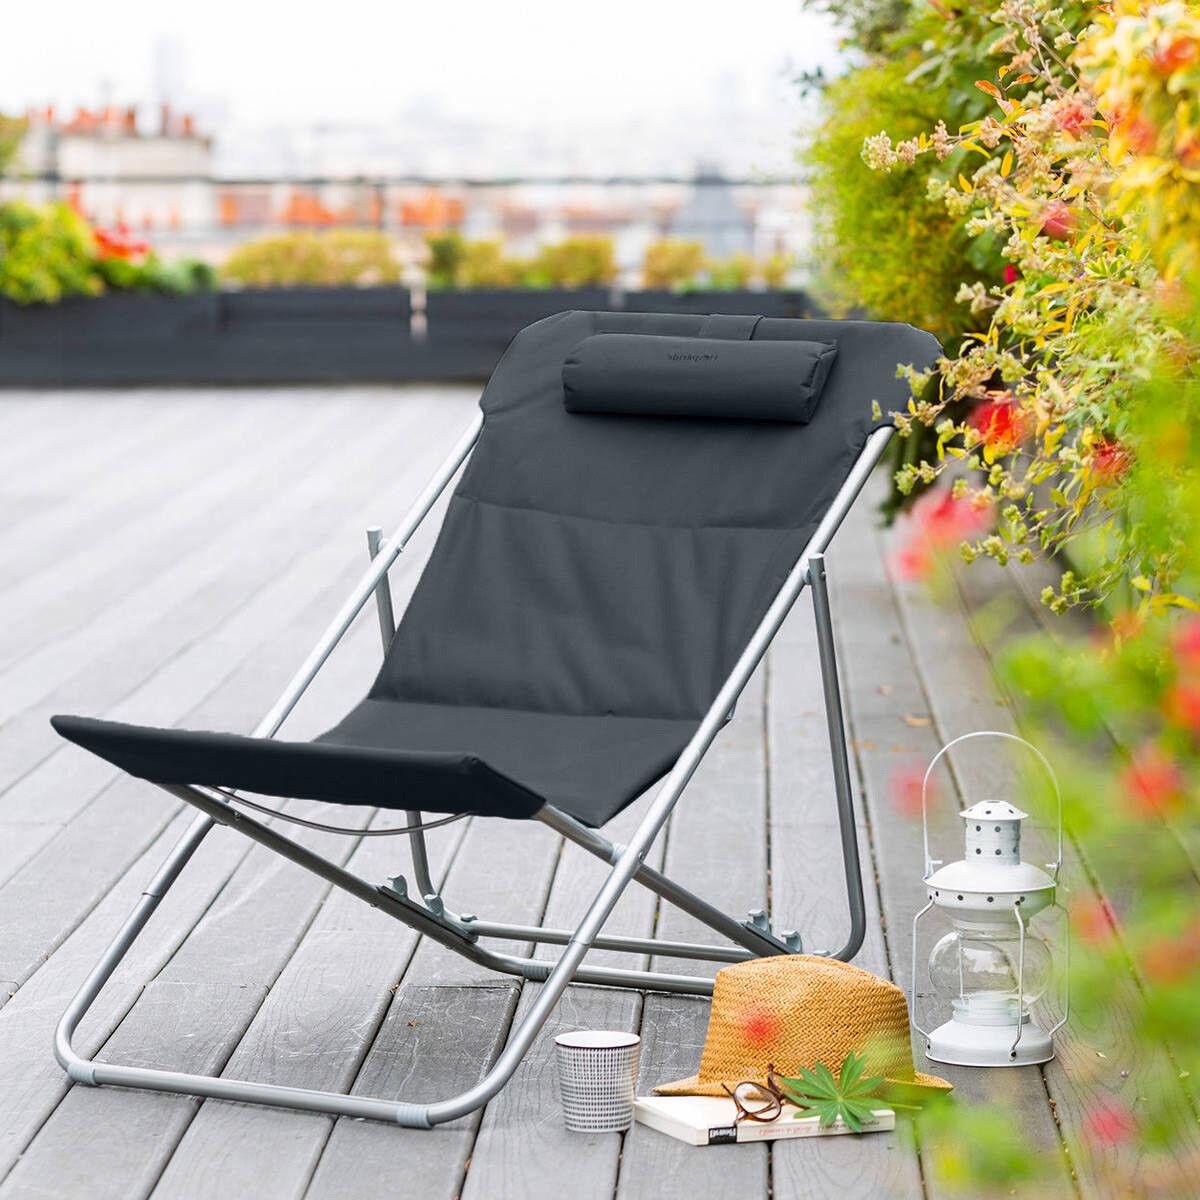 Hespéride Chilienne de jardin pliante Bilbao Ardoise 3 Positions - Acier traité époxy, Polyester